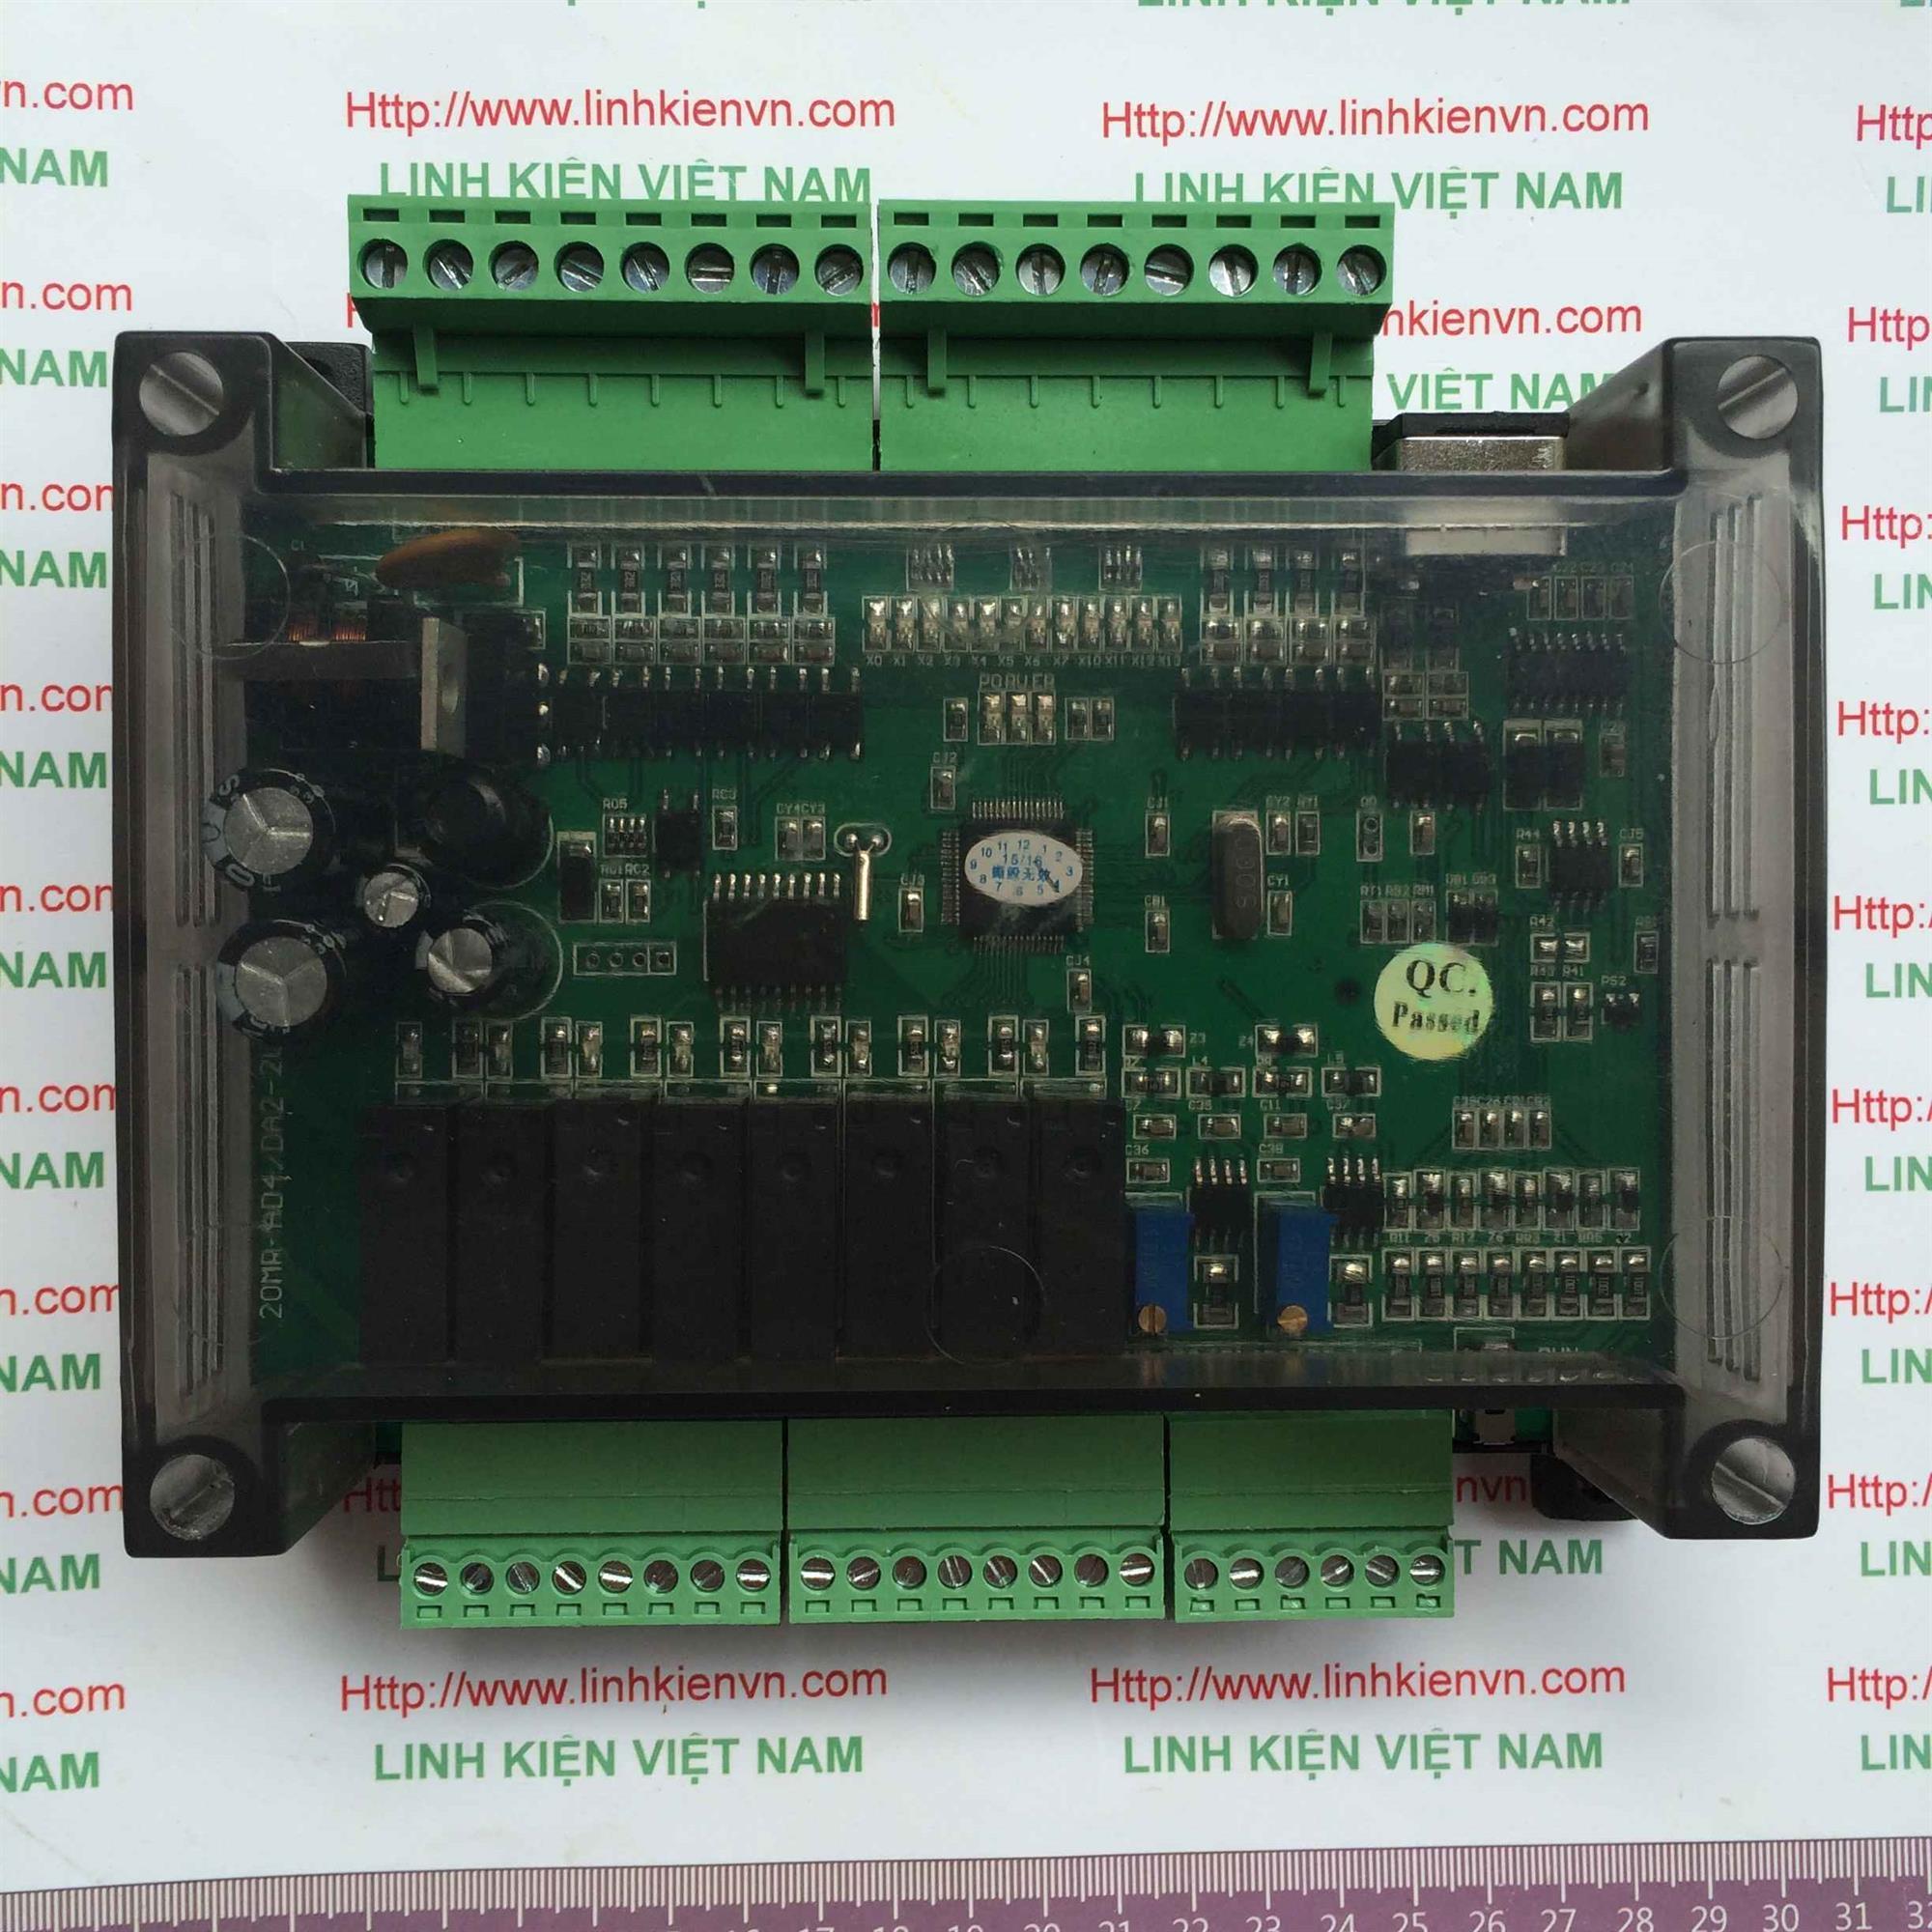 PLC board FX1N-24MT CÓ VỎ - KHO B